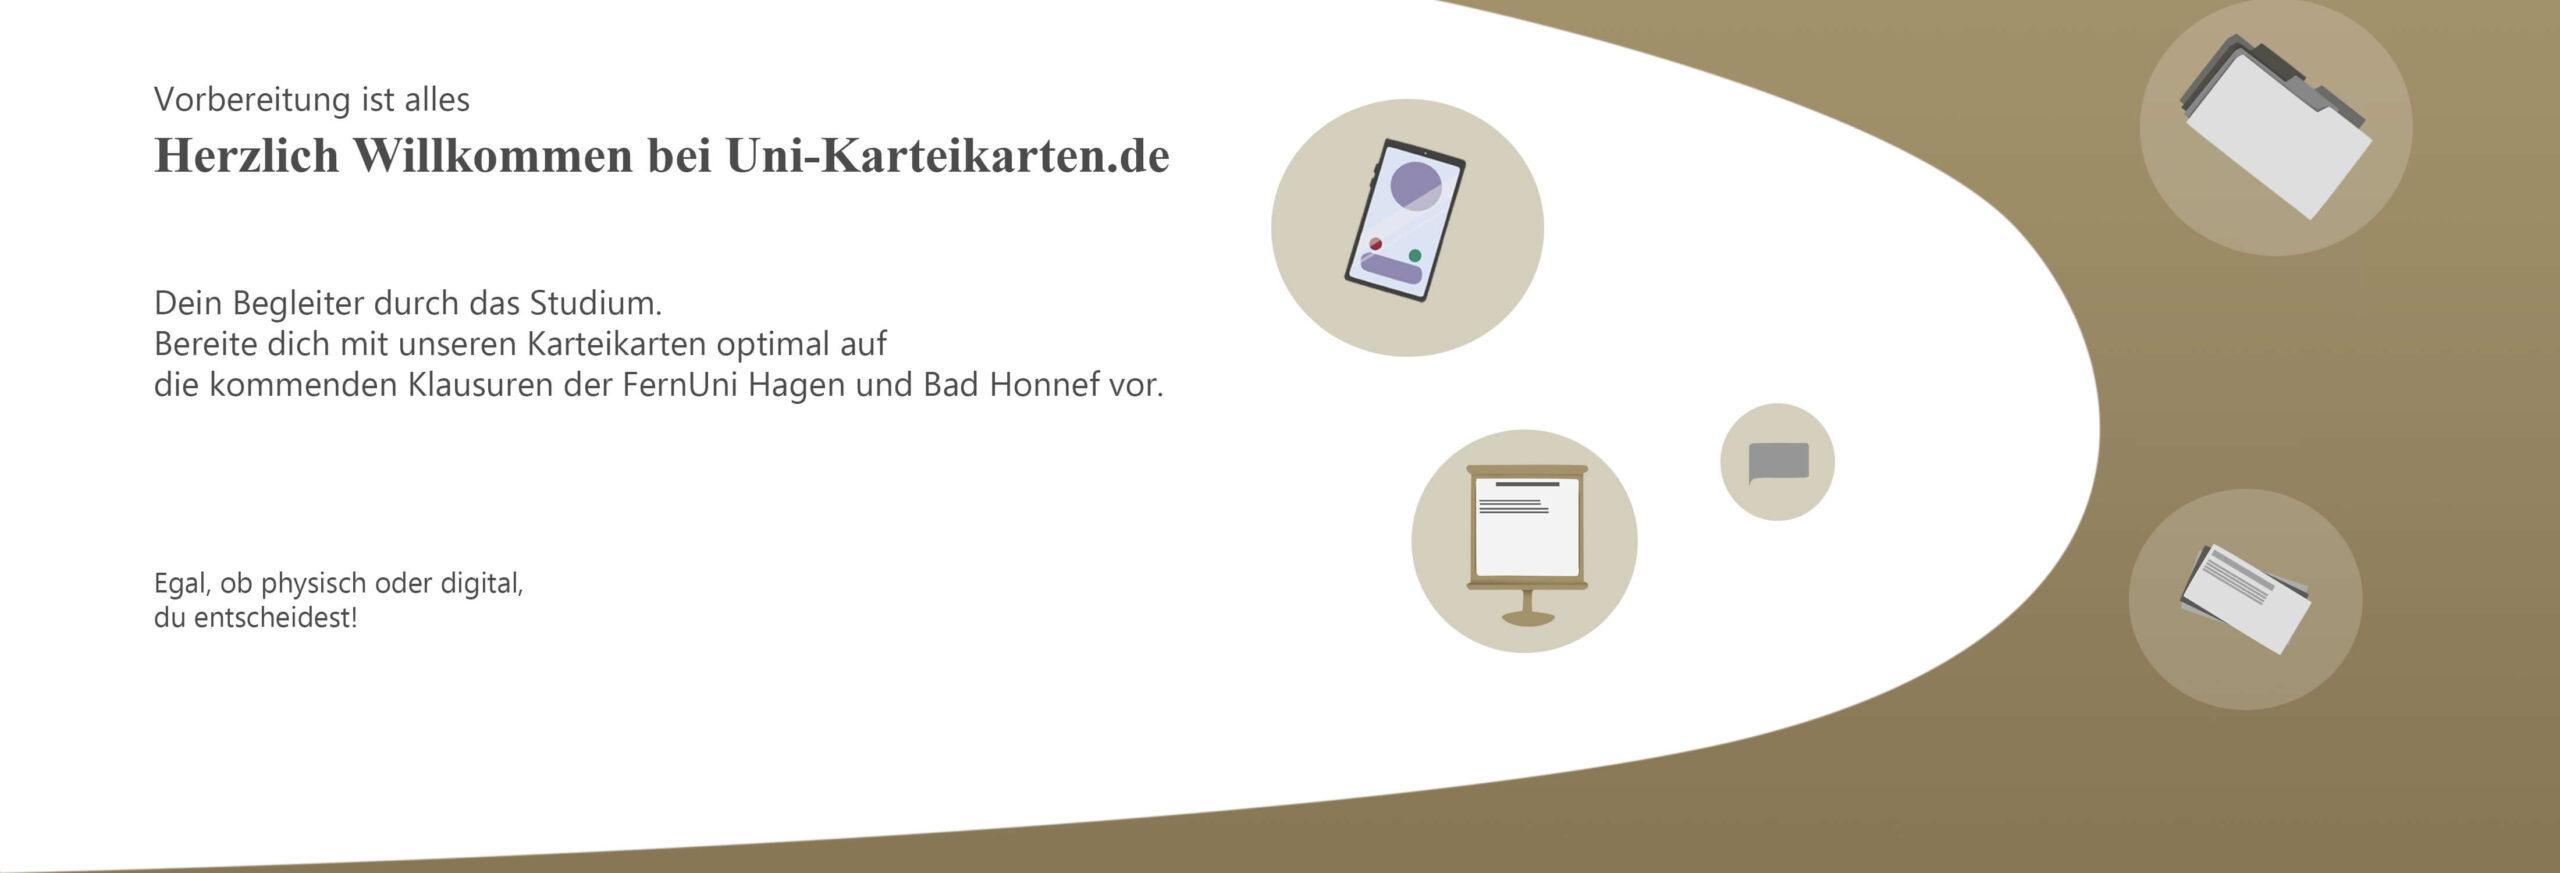 Slider Uni-Karteikarten.de Willkommensbanner